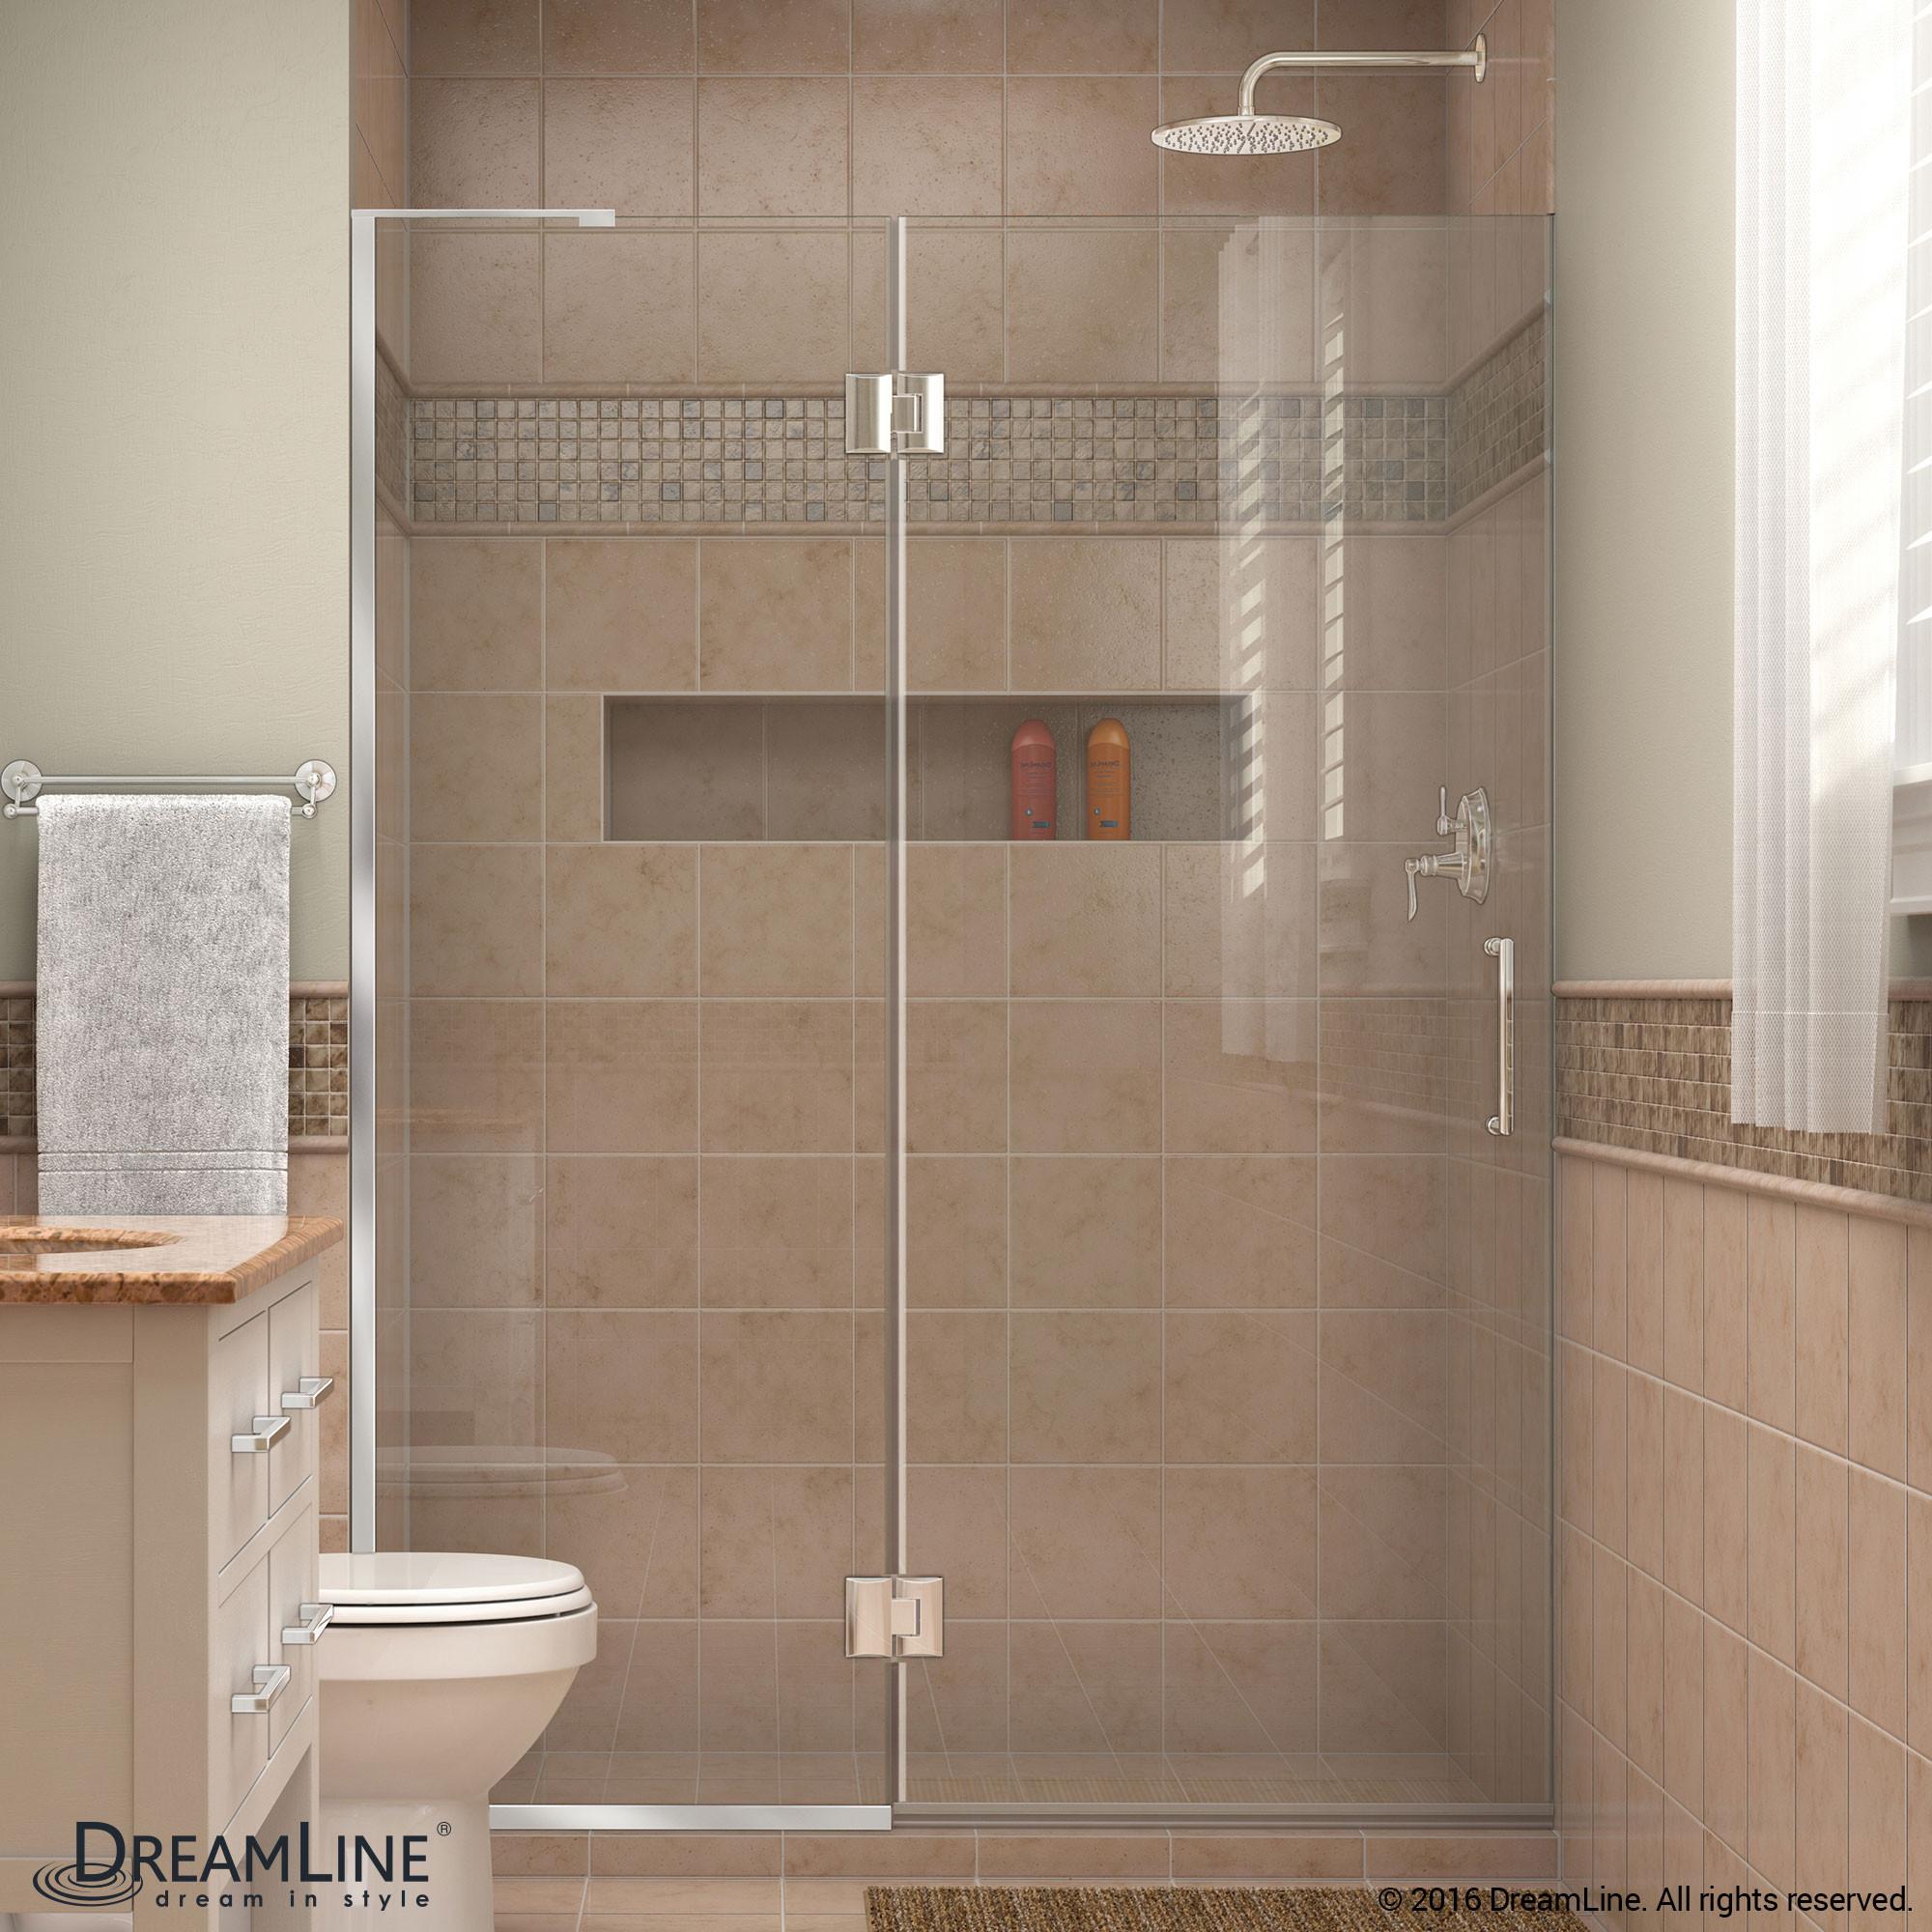 DreamLine D33072L-01 Chrome Unidoor-X Hinged Shower Door With Left-wall Bracket